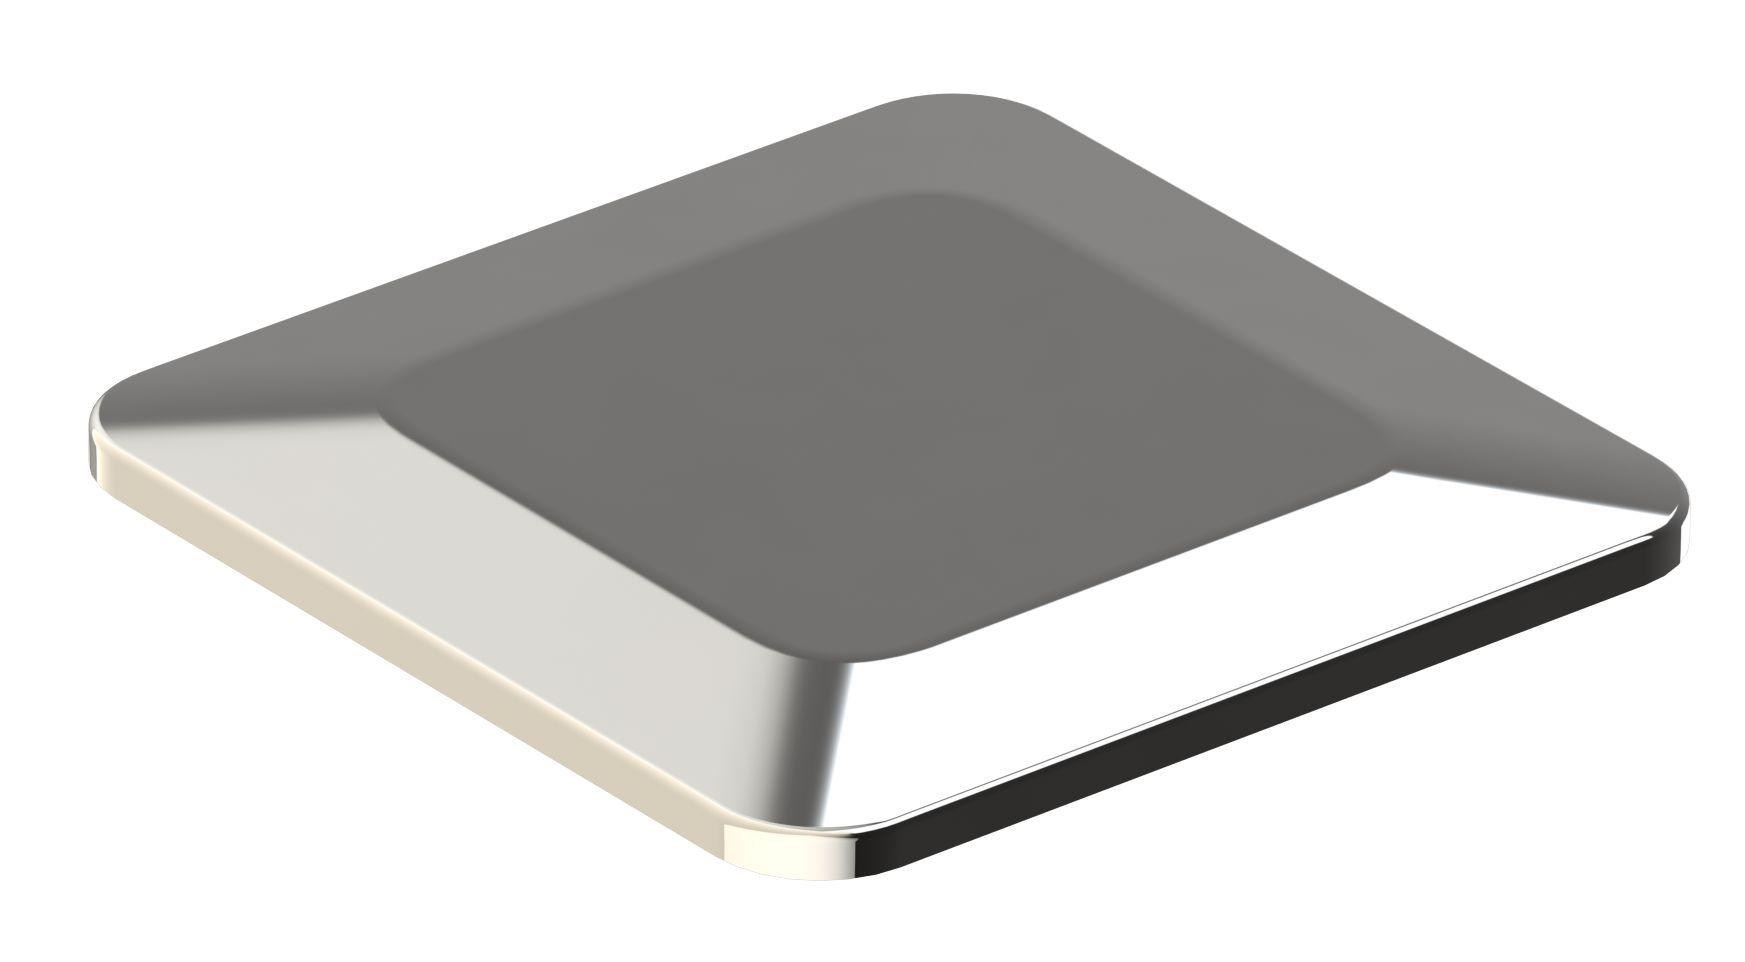 Dispositivo de Dreno de Fundo Quadrado Inox 60mm - Alvenaria - Tholz